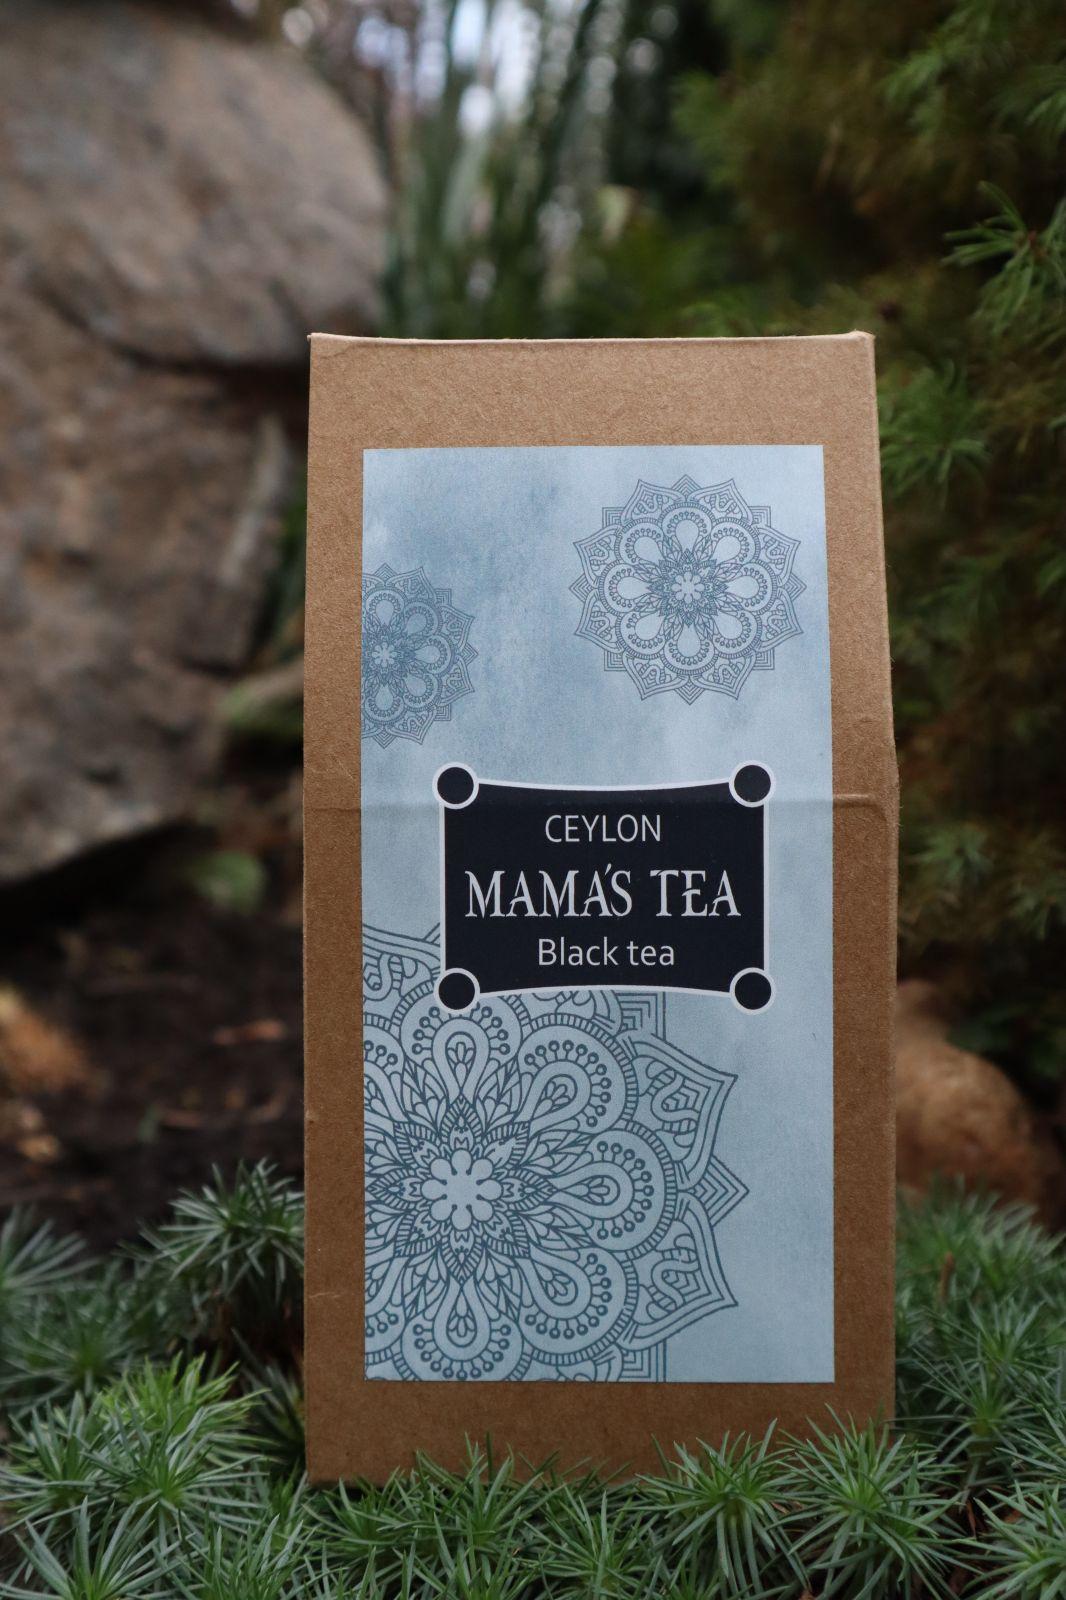 MAMA'S TEA - ČIERNY ČAJ - MAMA'S OP BLACK - 100% Cejlónsky čierny čaj 100 g. Nazbierané ručne na najlepších čajových plantáží sveta v Nuwara Eliya.